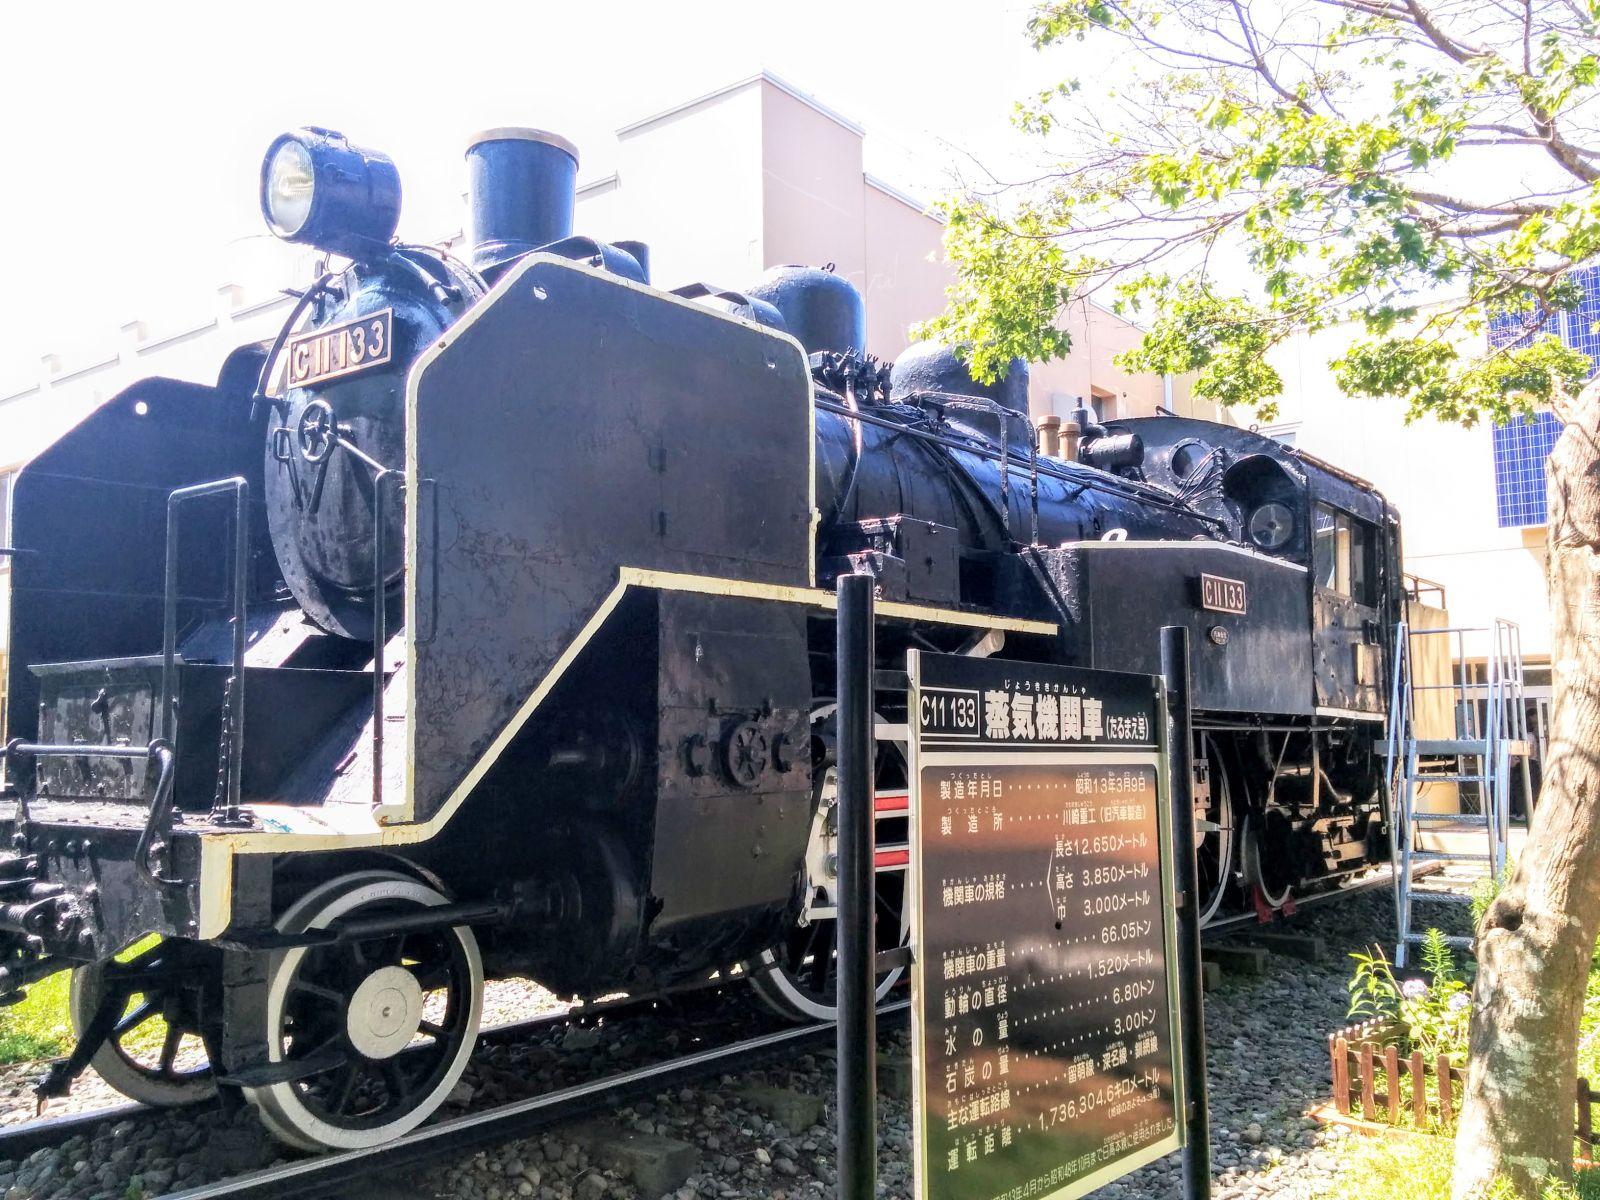 【苫小牧市】苫小牧市科学センターC11133蒸気機関車(たるまえ号)観光案内です。